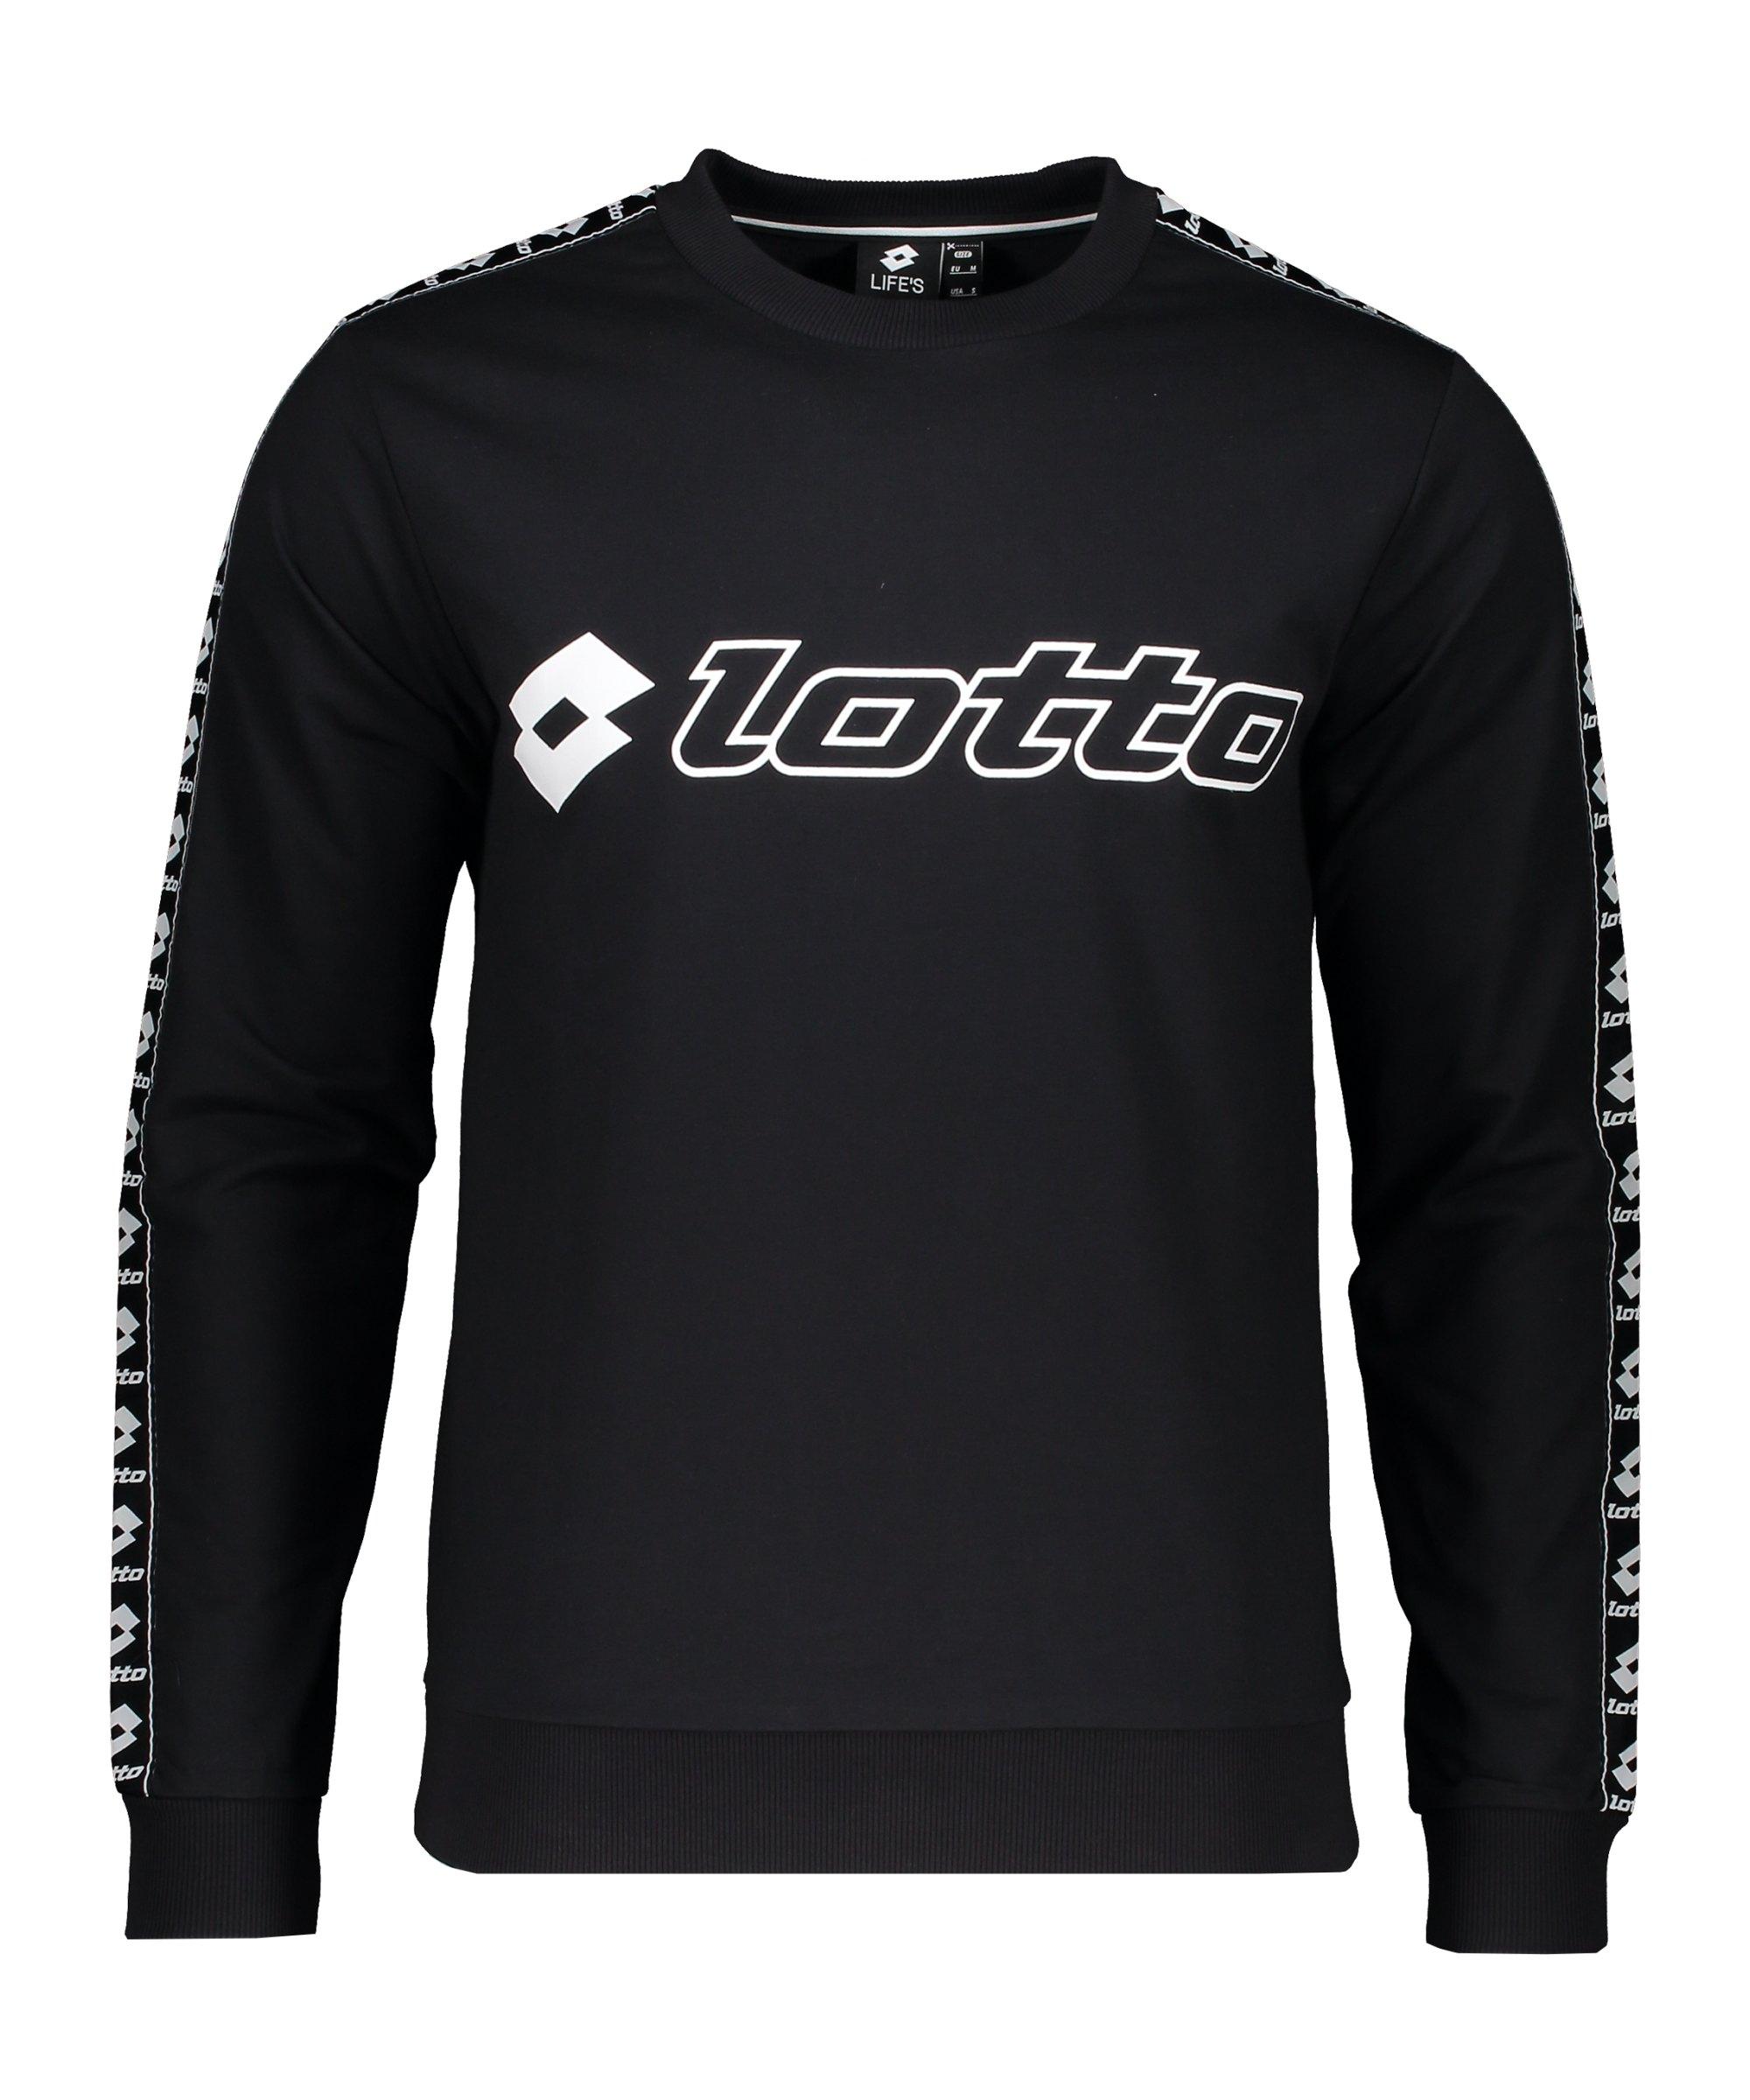 Lotto Athletica Sweatshirt Schwarz F000 - schwarz